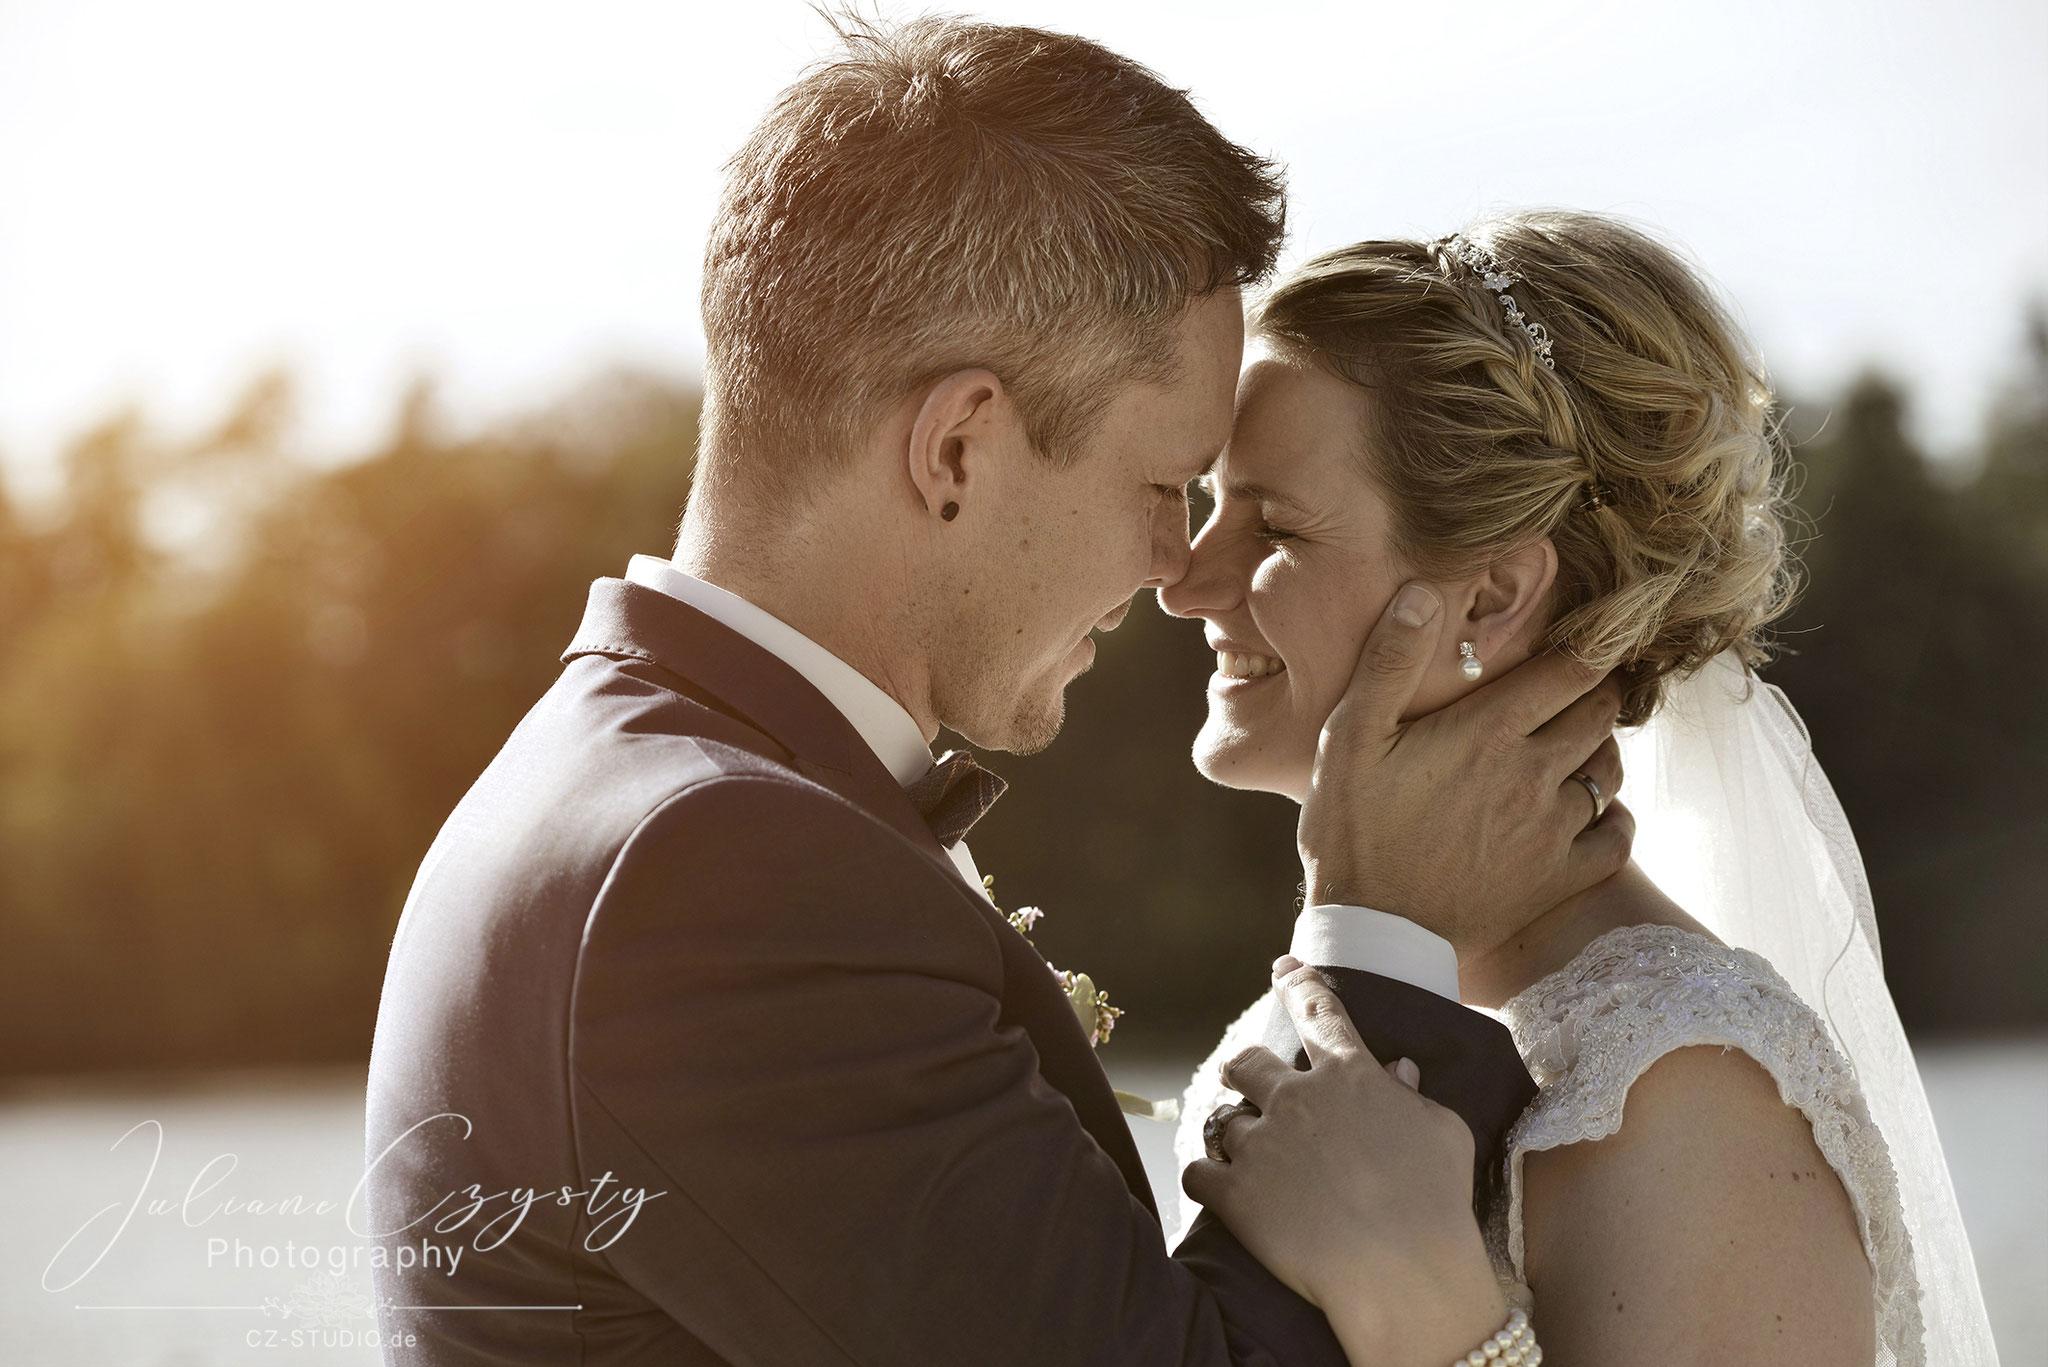 Liebevolle Hochzeitsfotografie- Juliane Czysty, Fotostudio im Landkreis ROW